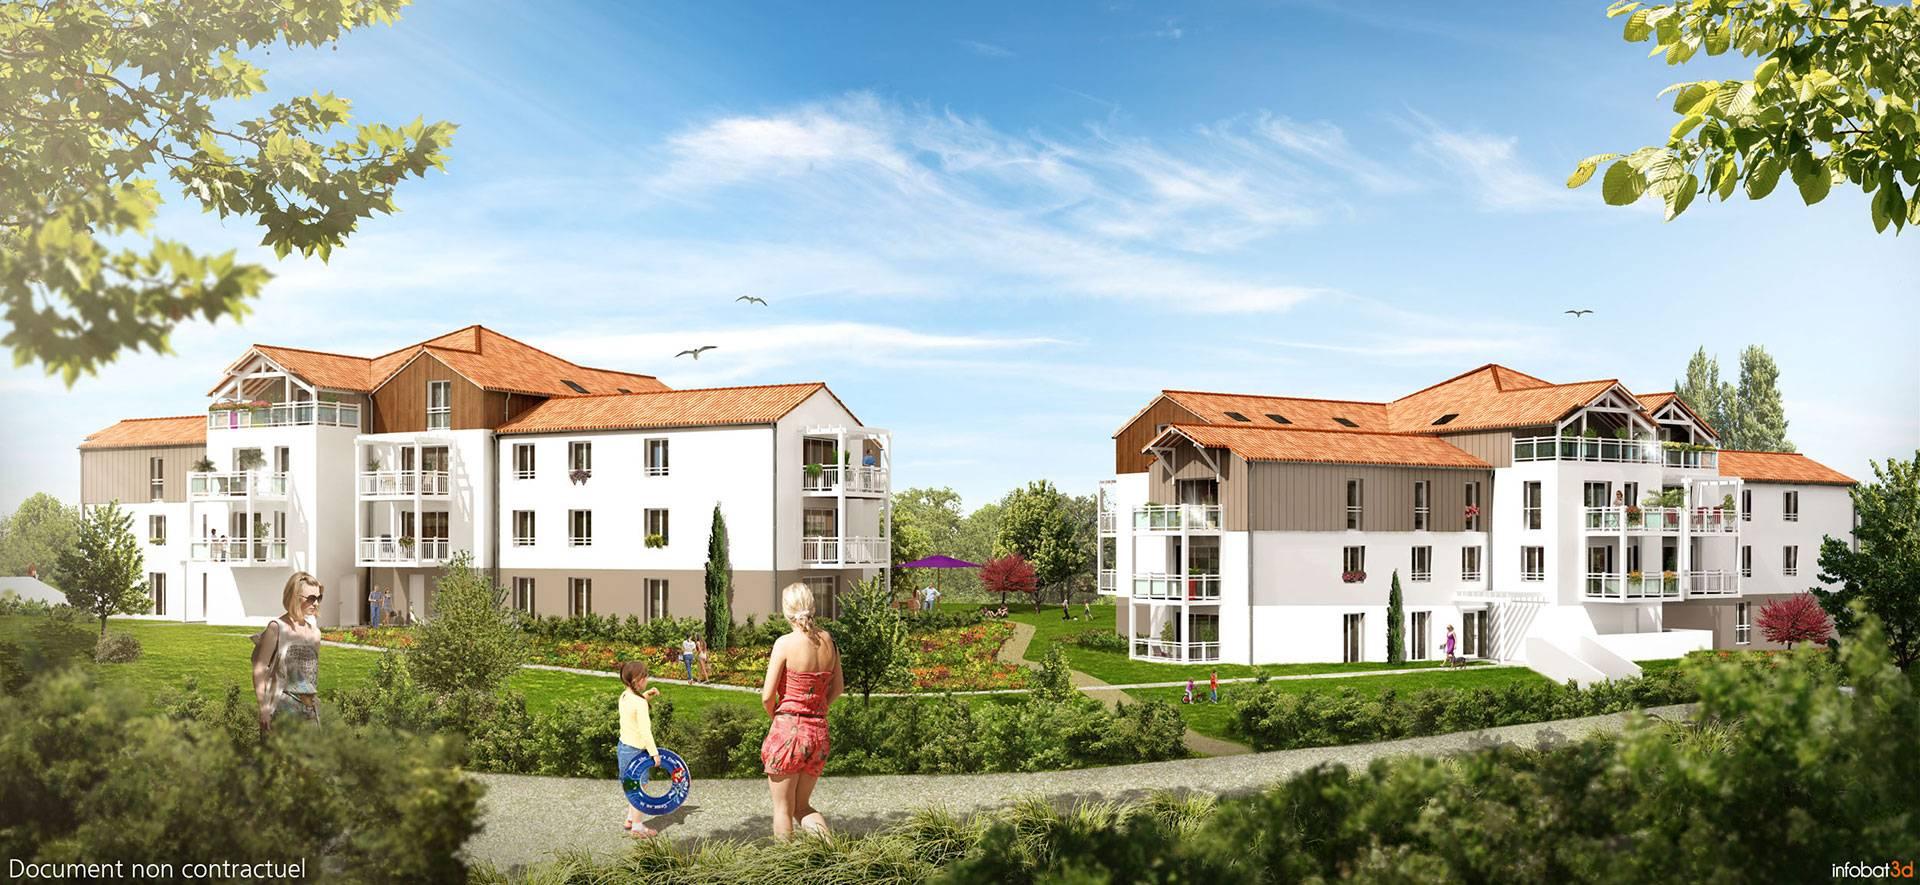 Appartment T1, T2 T3 appartement au cœur de la Ria disponible dans la résidence l'Astrolabe - Groupe Cisn Atlantique